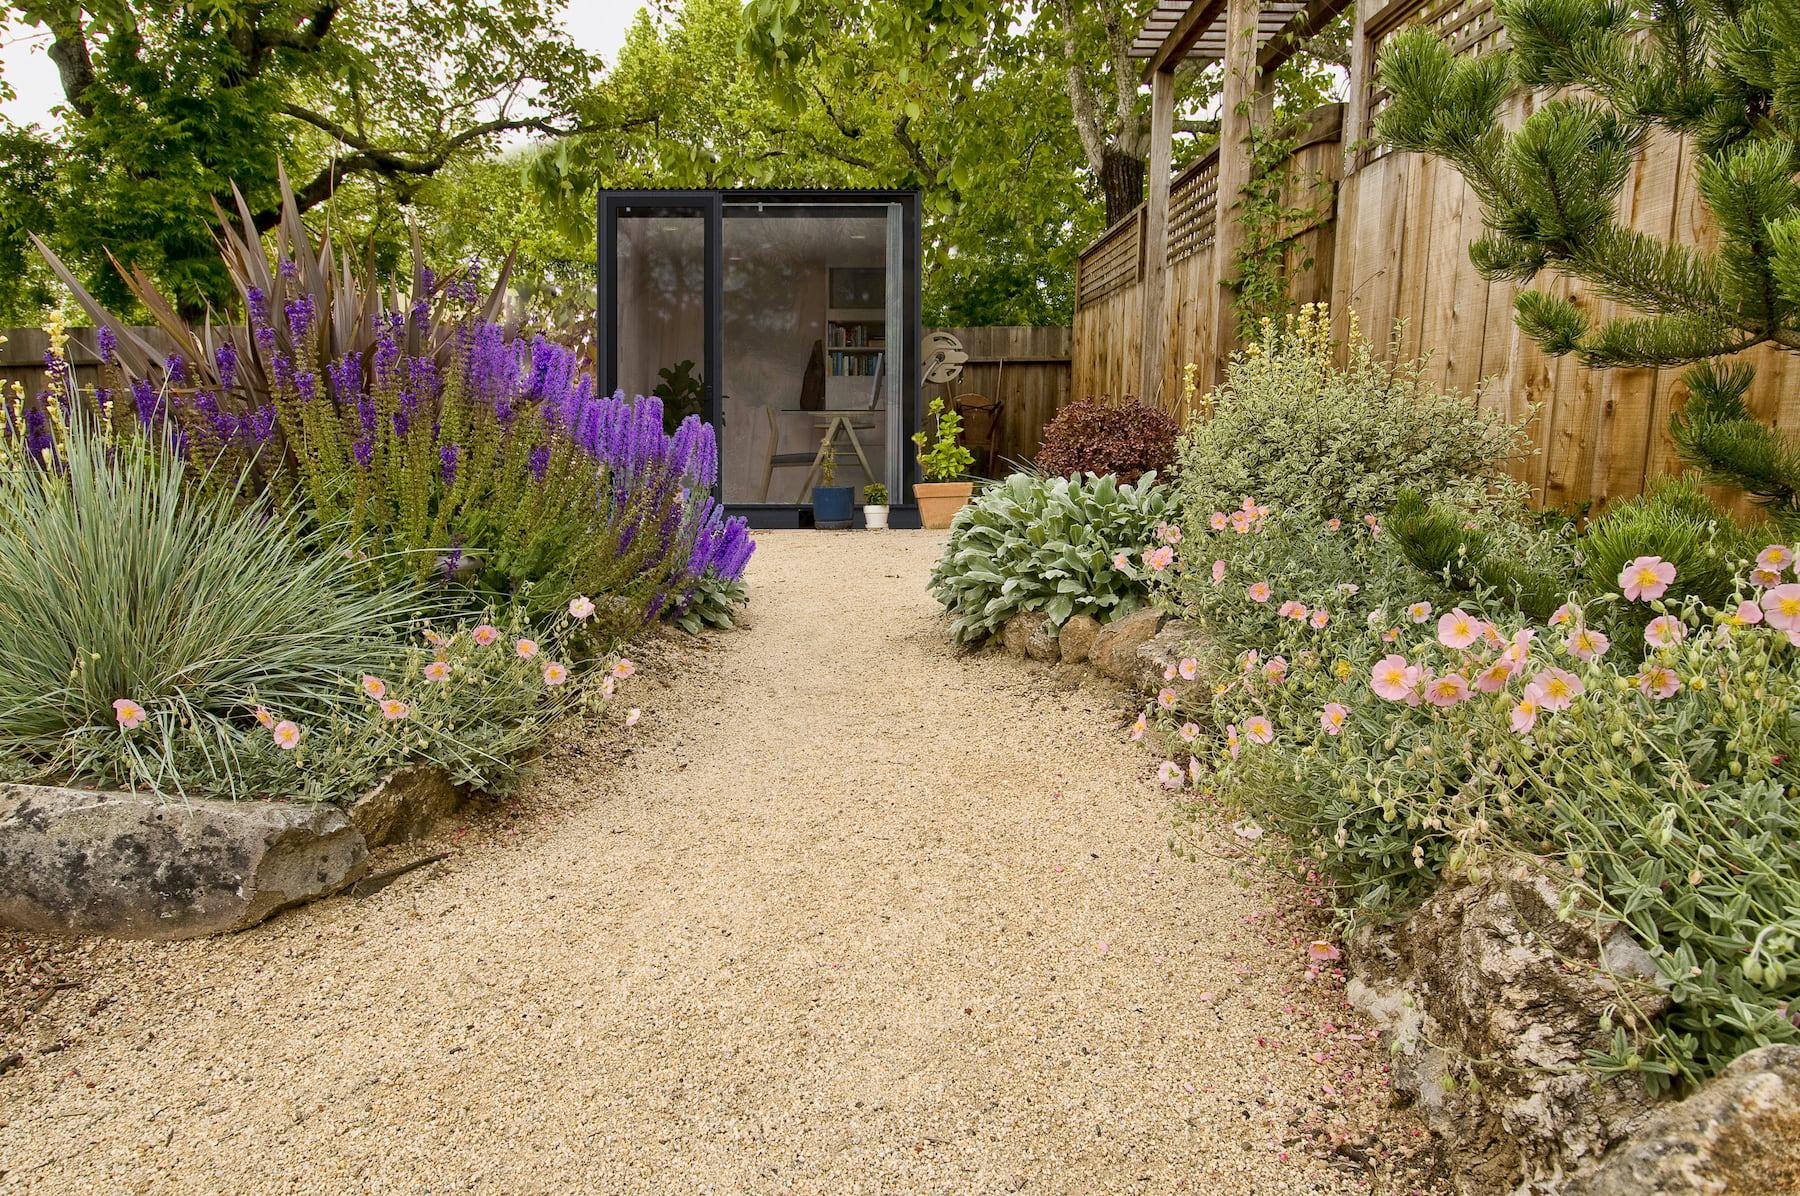 A backyard office set inside a desert garden